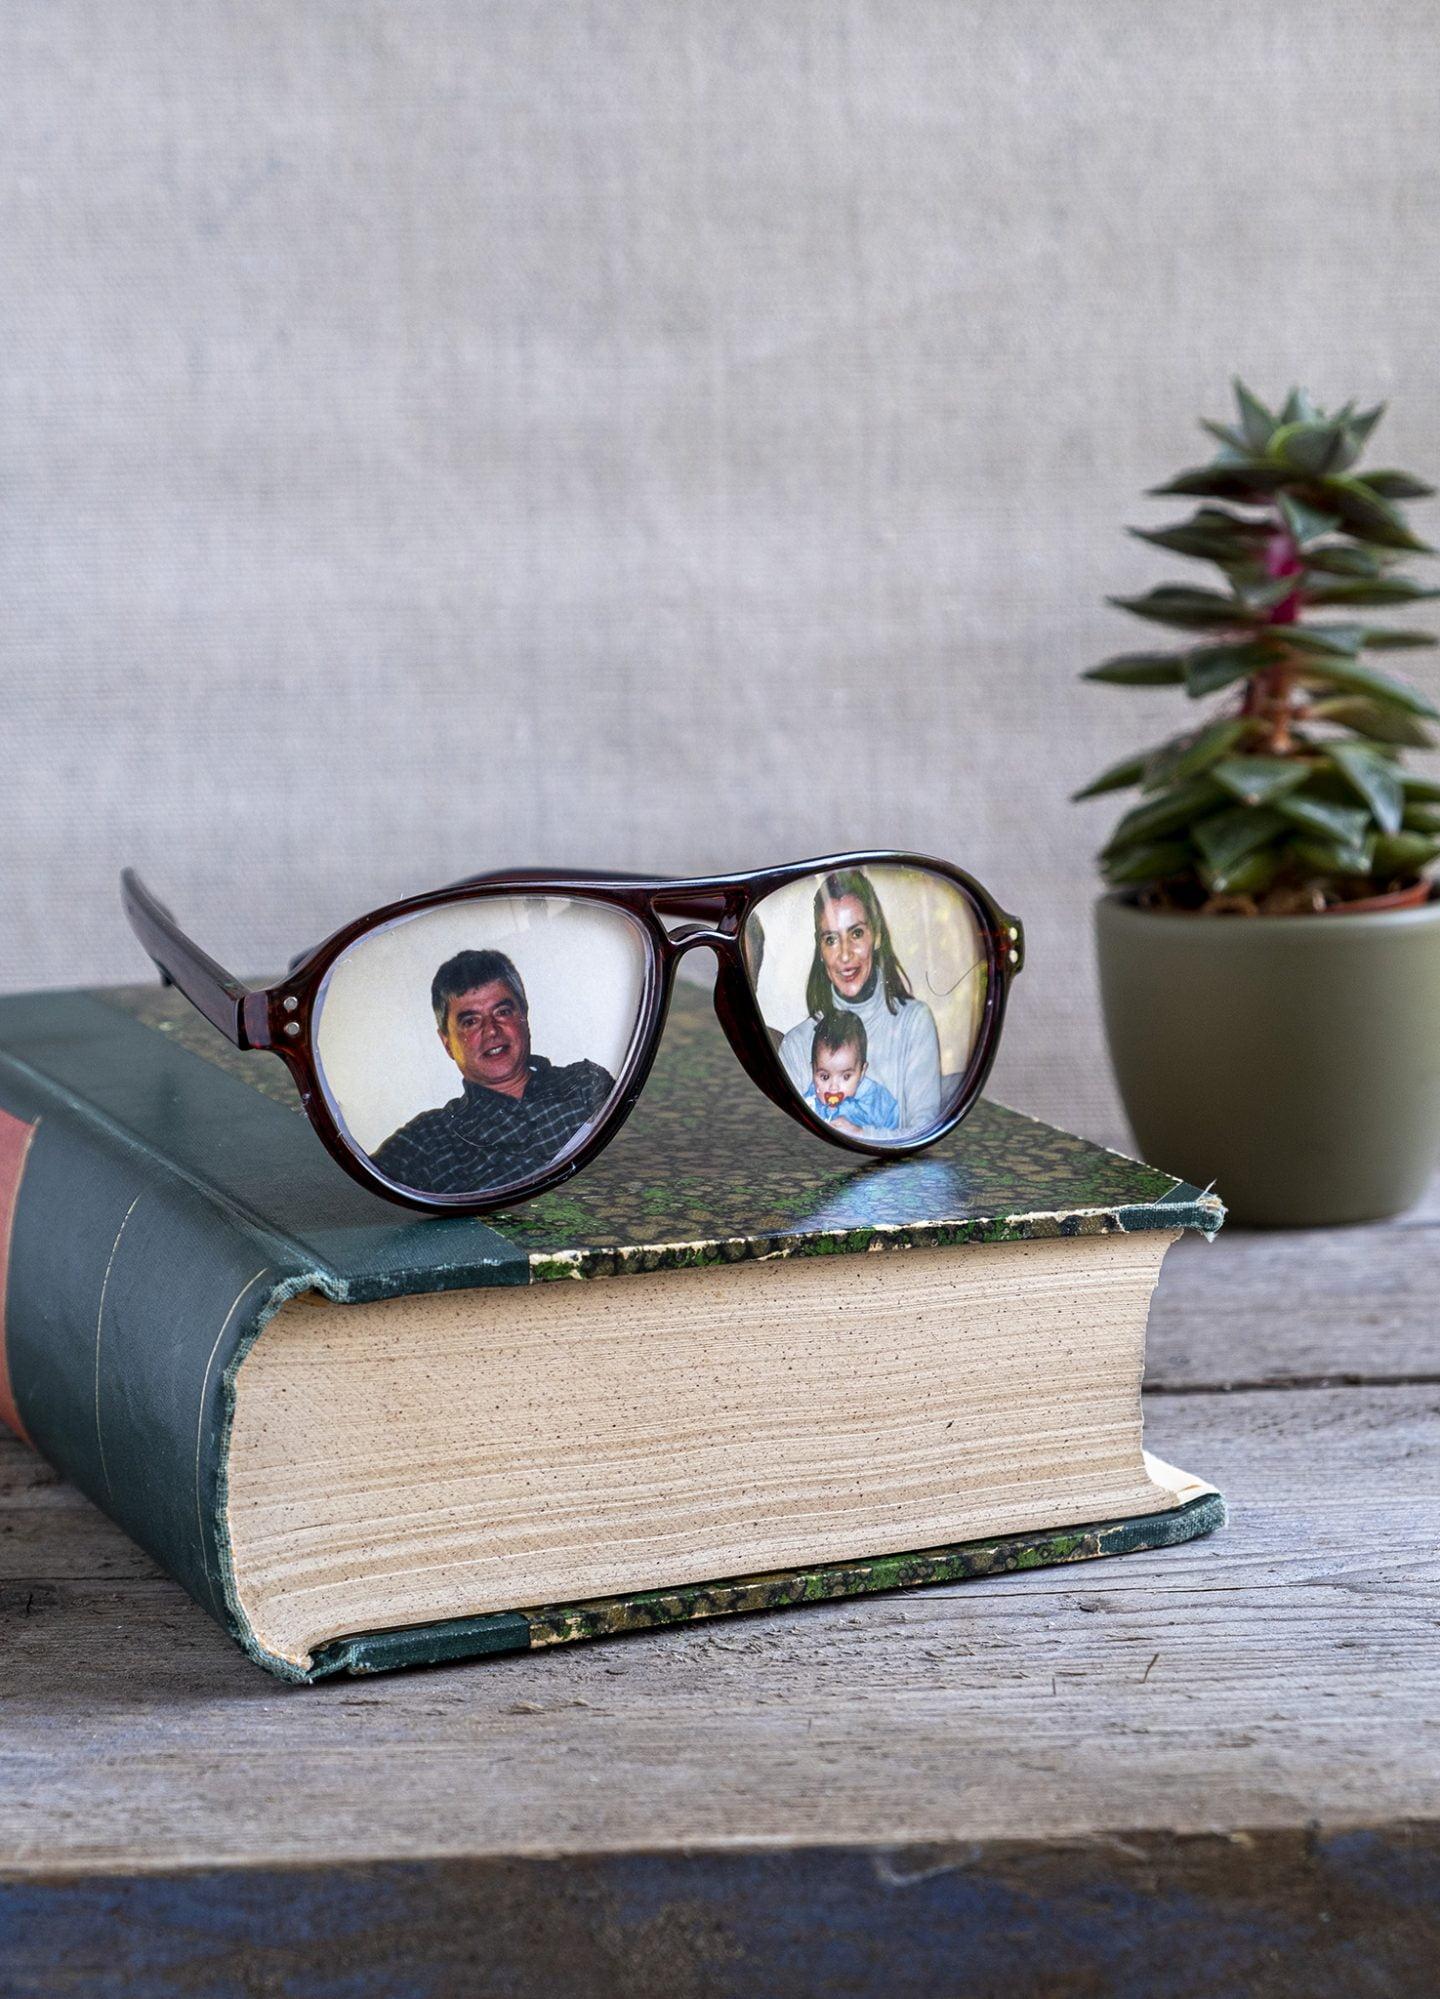 Oude bril recyclen als accessoires met foto's